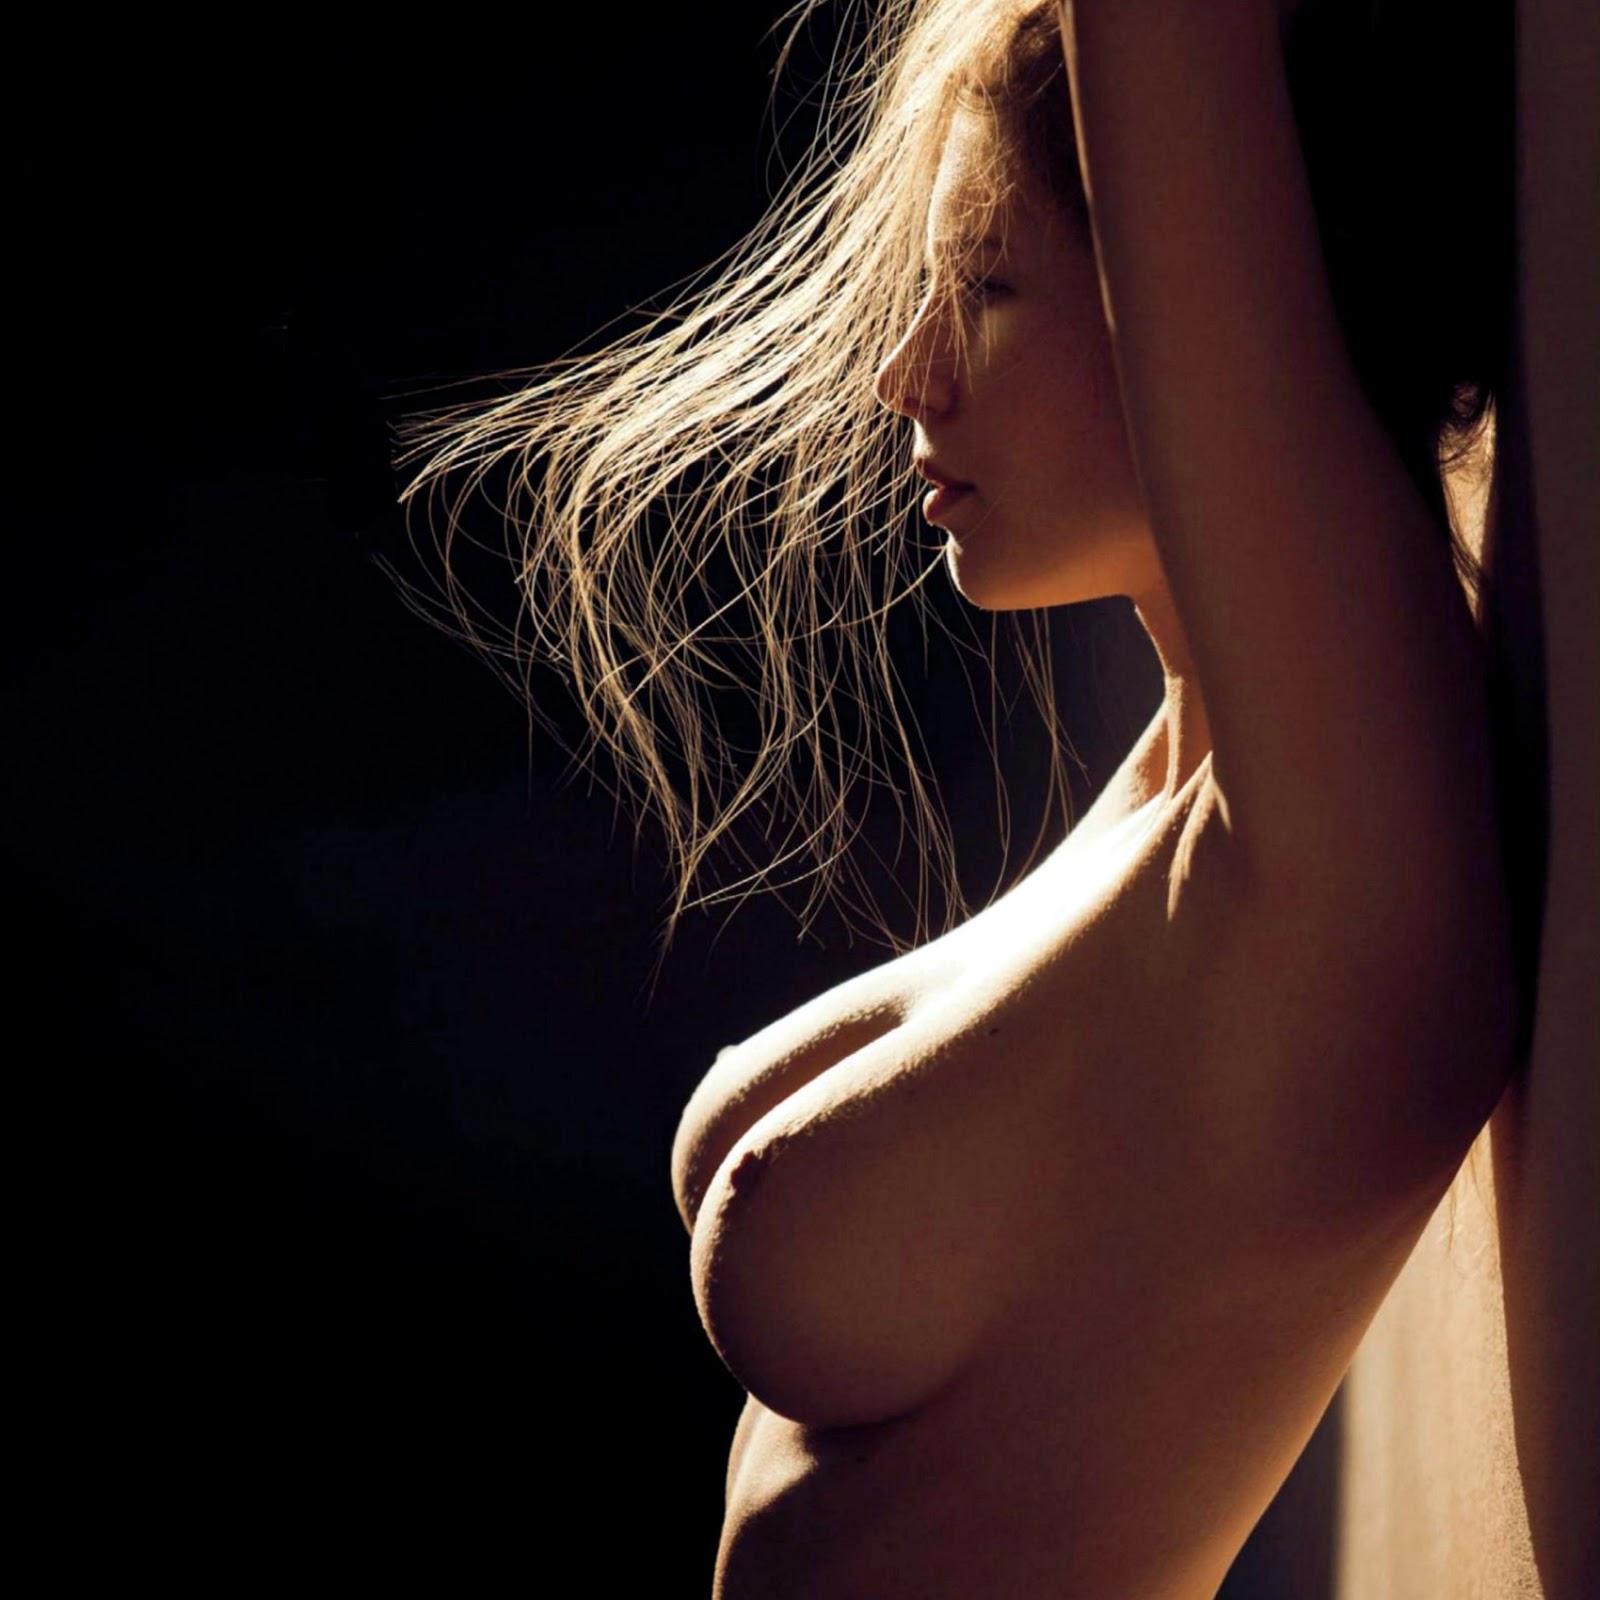 Красивые девичья грудь фото